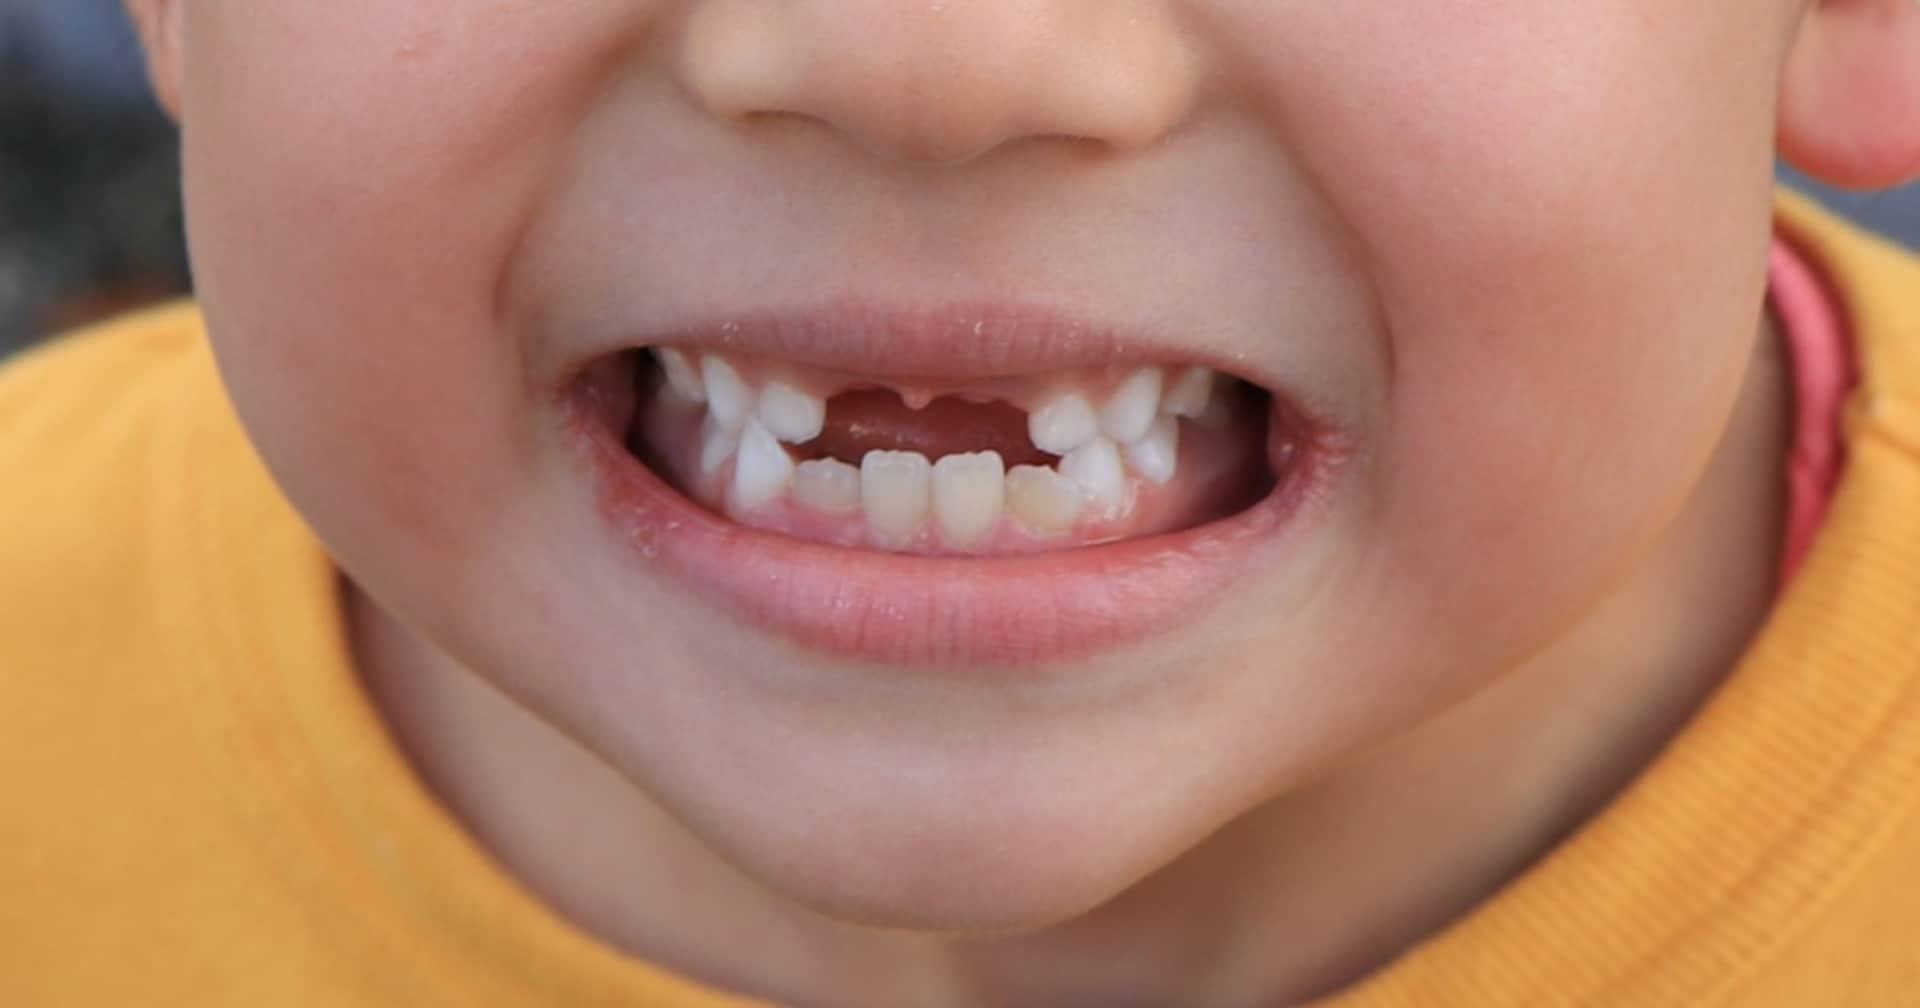 """金髪よりタトゥーより""""効果的""""!? 「前歯がない」大人の破壊力とは?"""